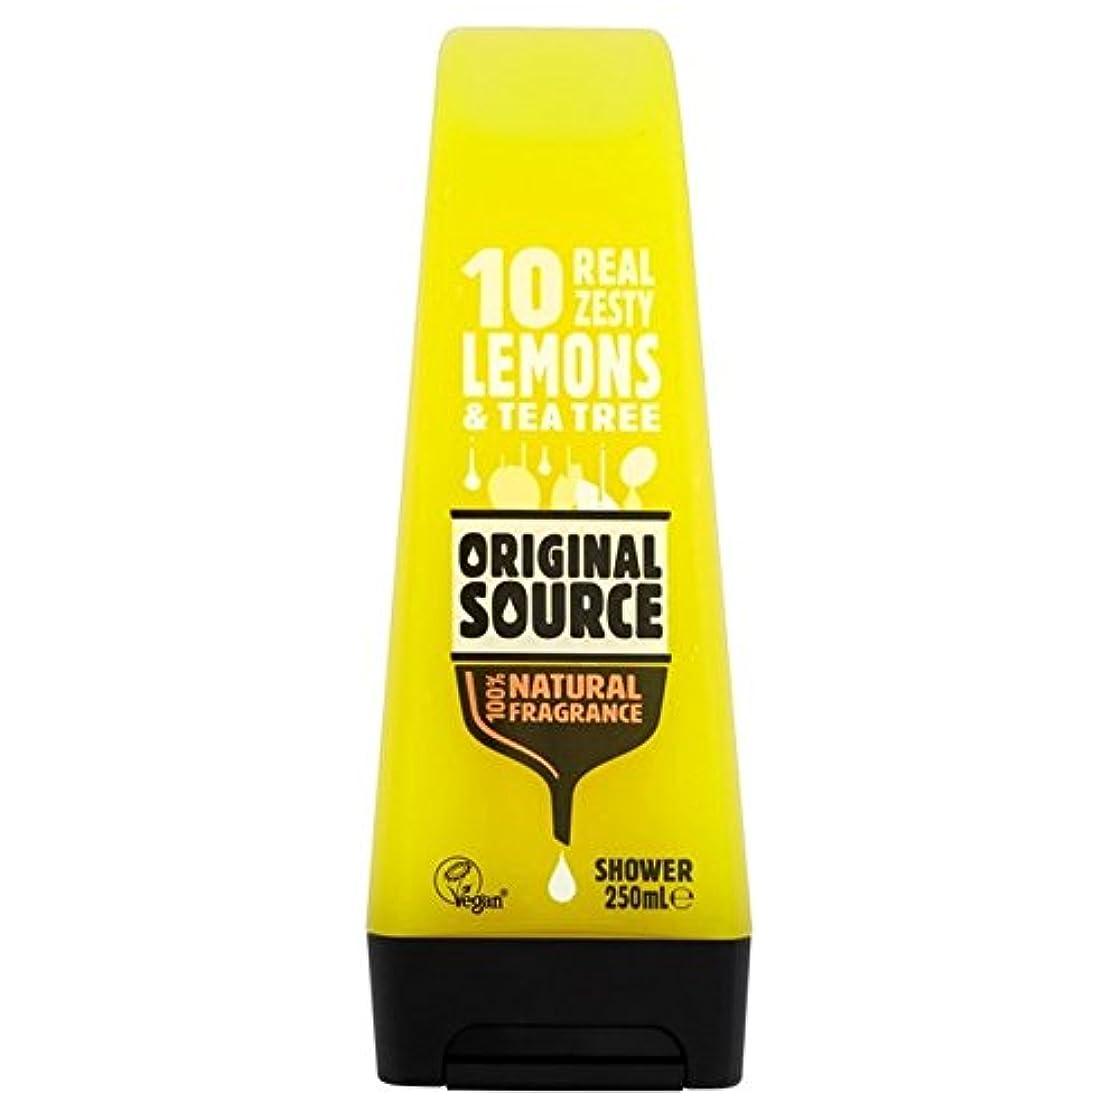 海里させるアクセスできないOriginal Source Lemon Shower Gel 250ml - 元のソースのレモンシャワージェル250ミリリットル [並行輸入品]